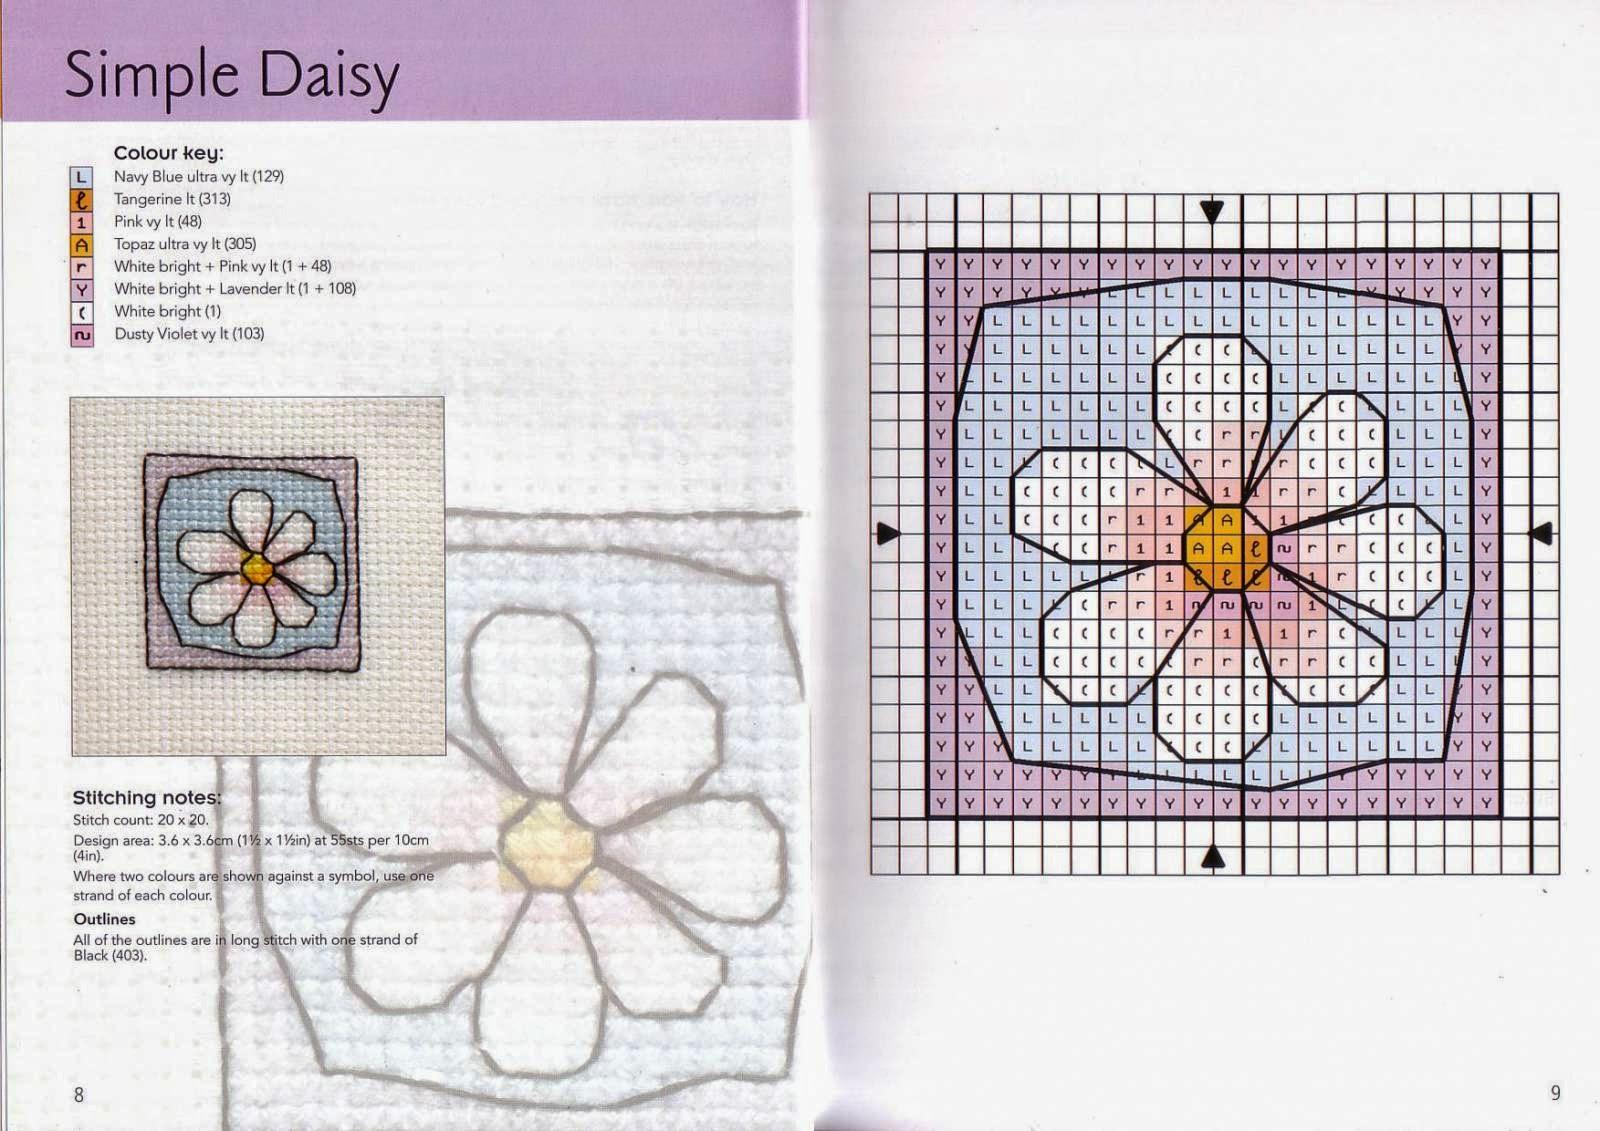 Схемы вышивки от Майкла Пауэлла. Домики крестиком - Pinterest